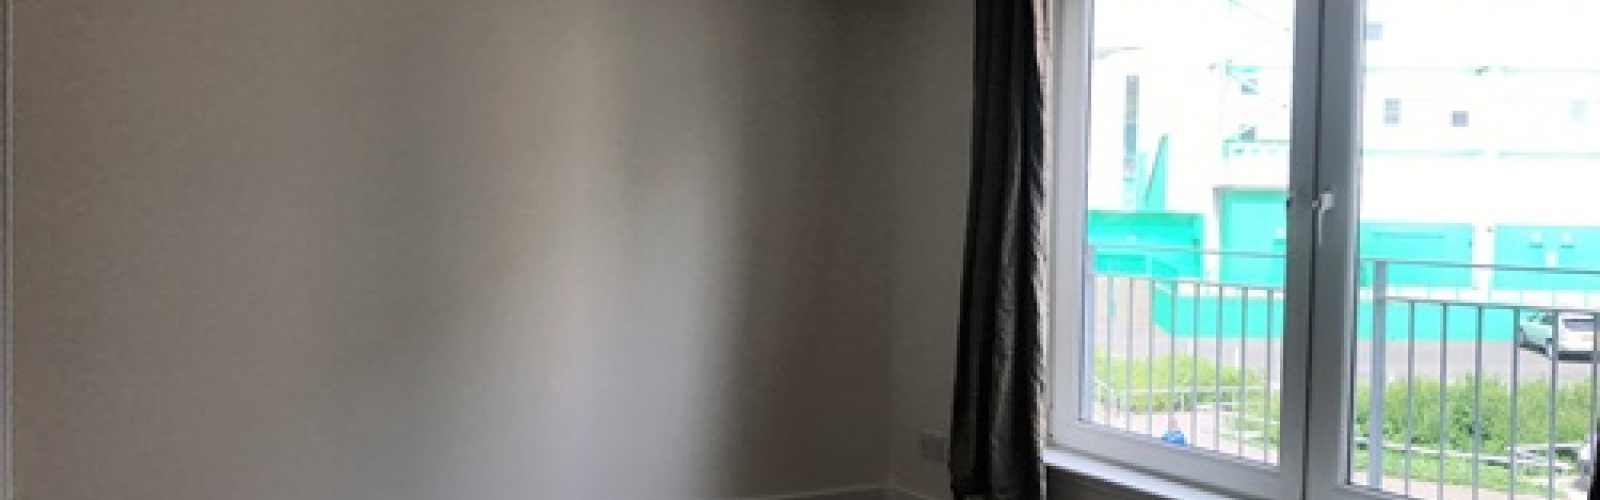 2 Bedrooms Bedrooms,1 BathroomBathrooms,Flat,1054